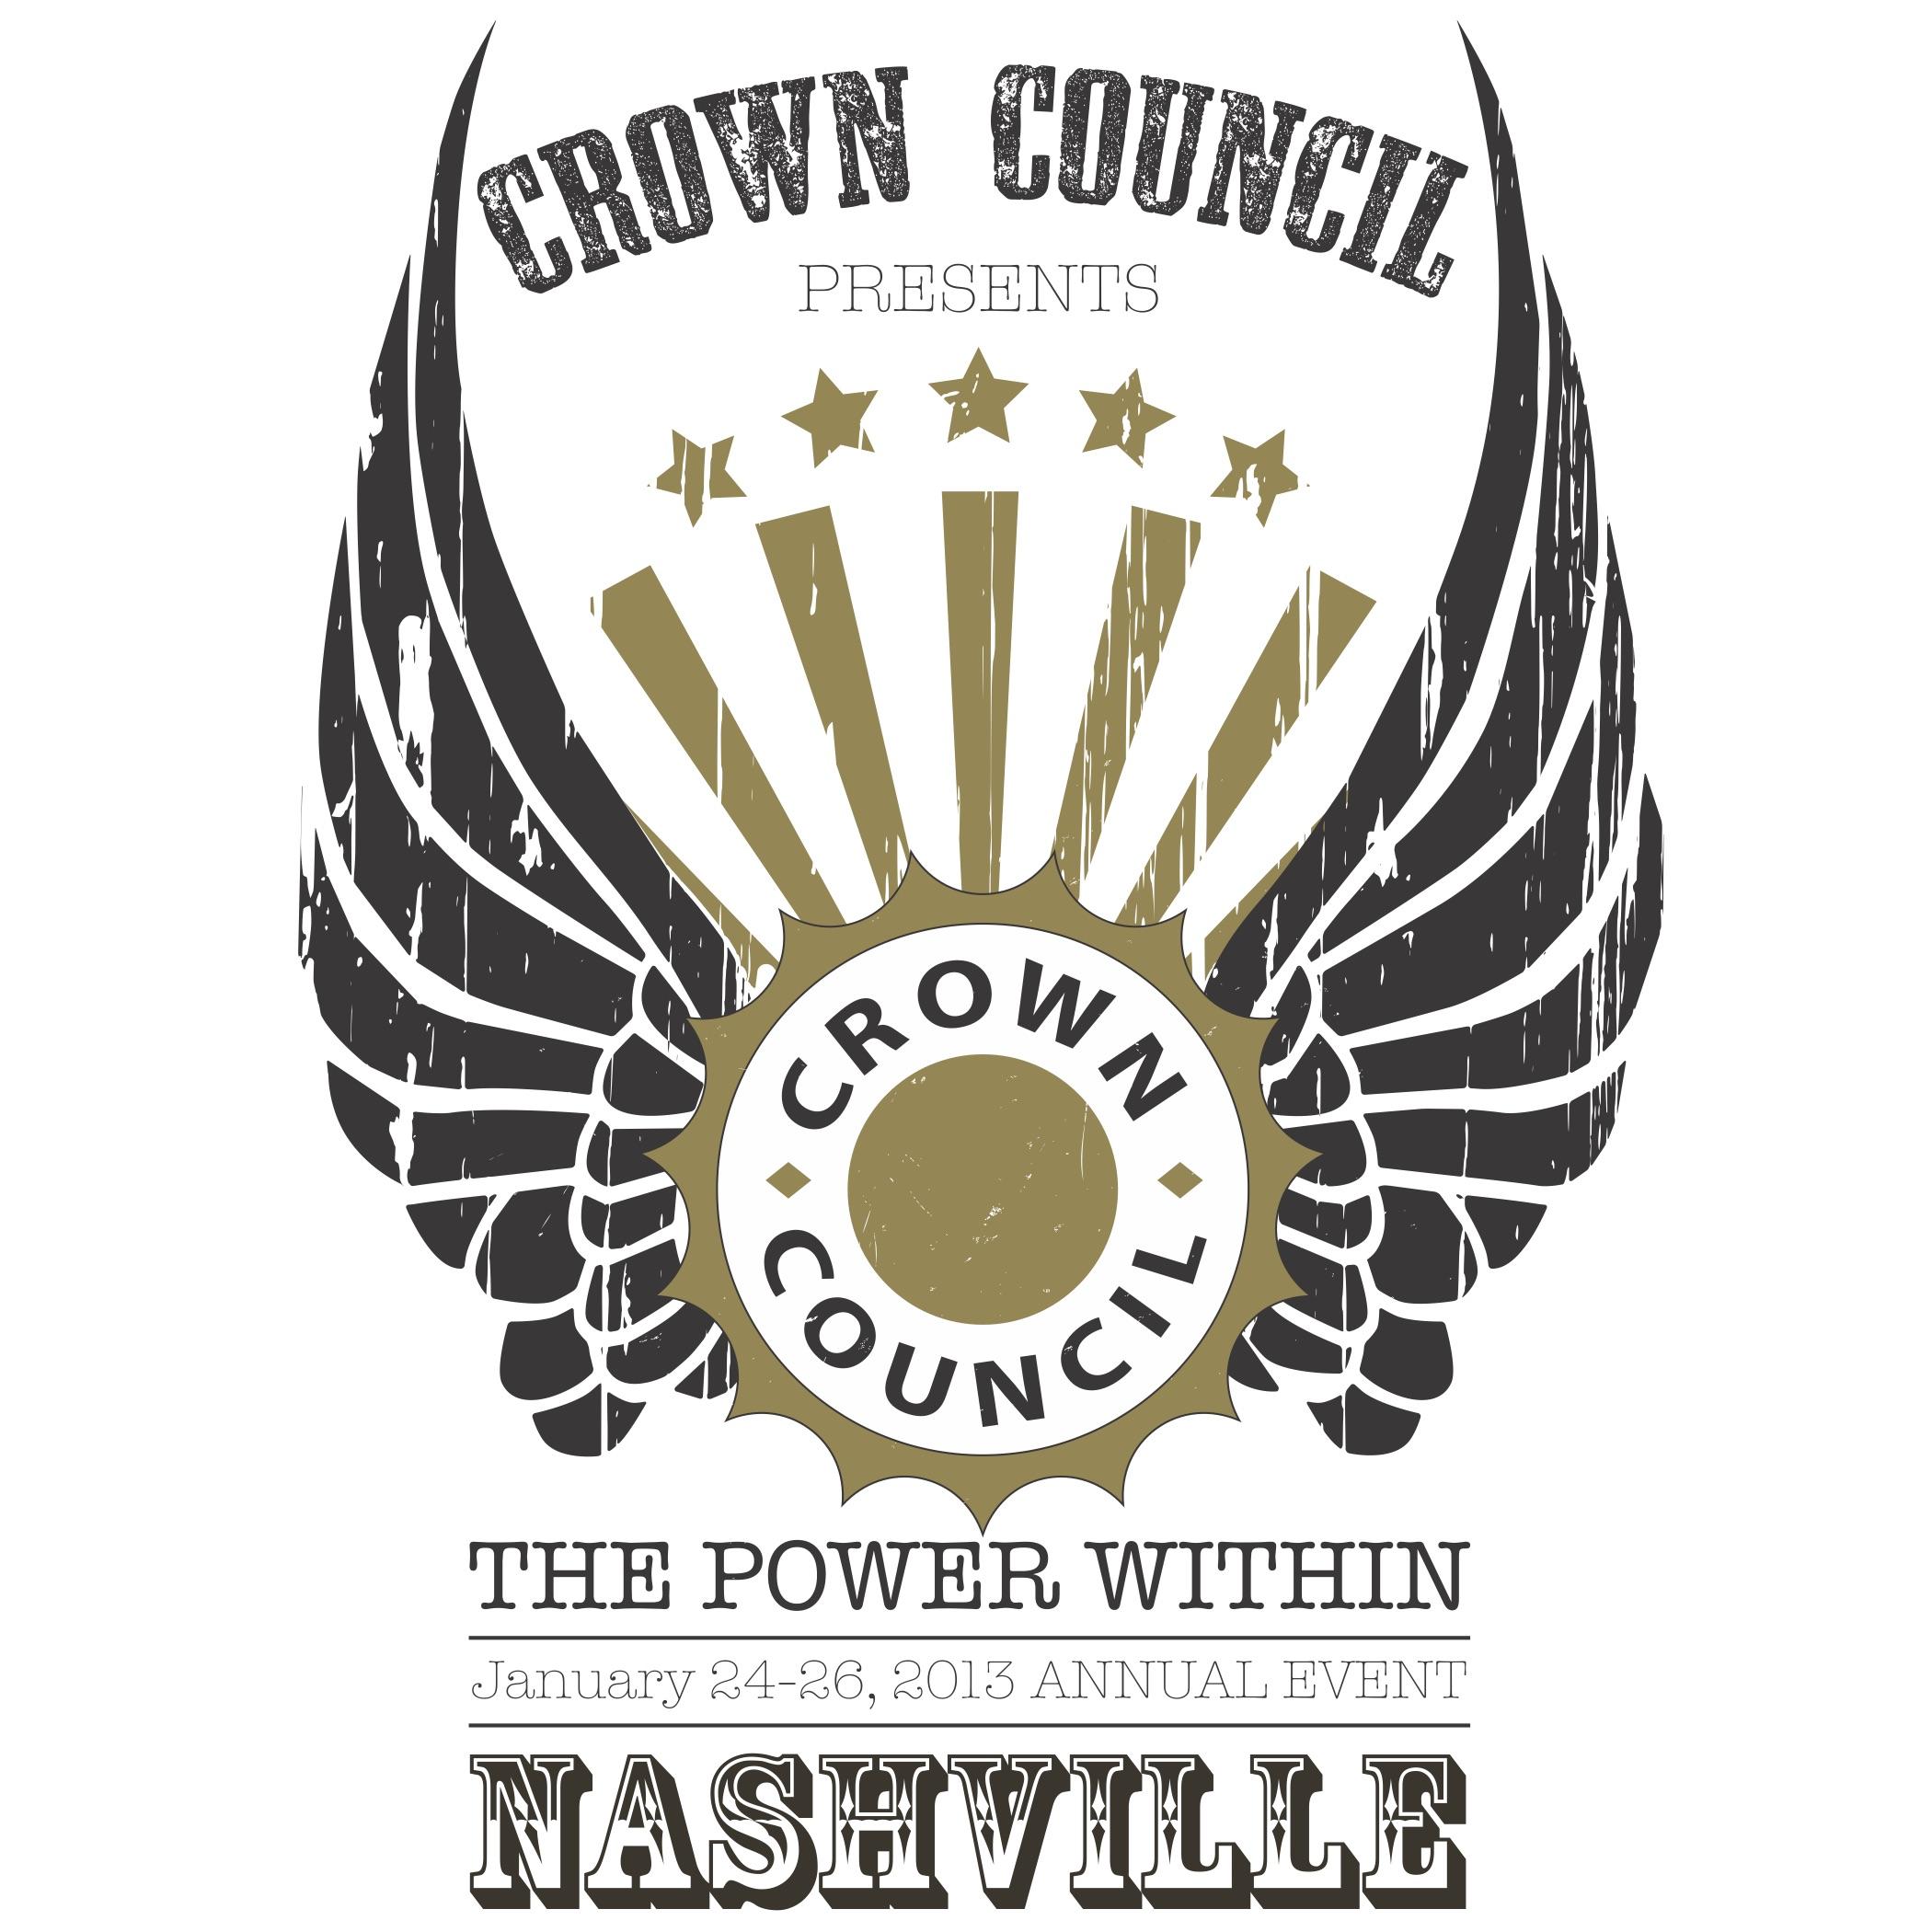 2013 - The 18th Annual Event - Nashville, TN